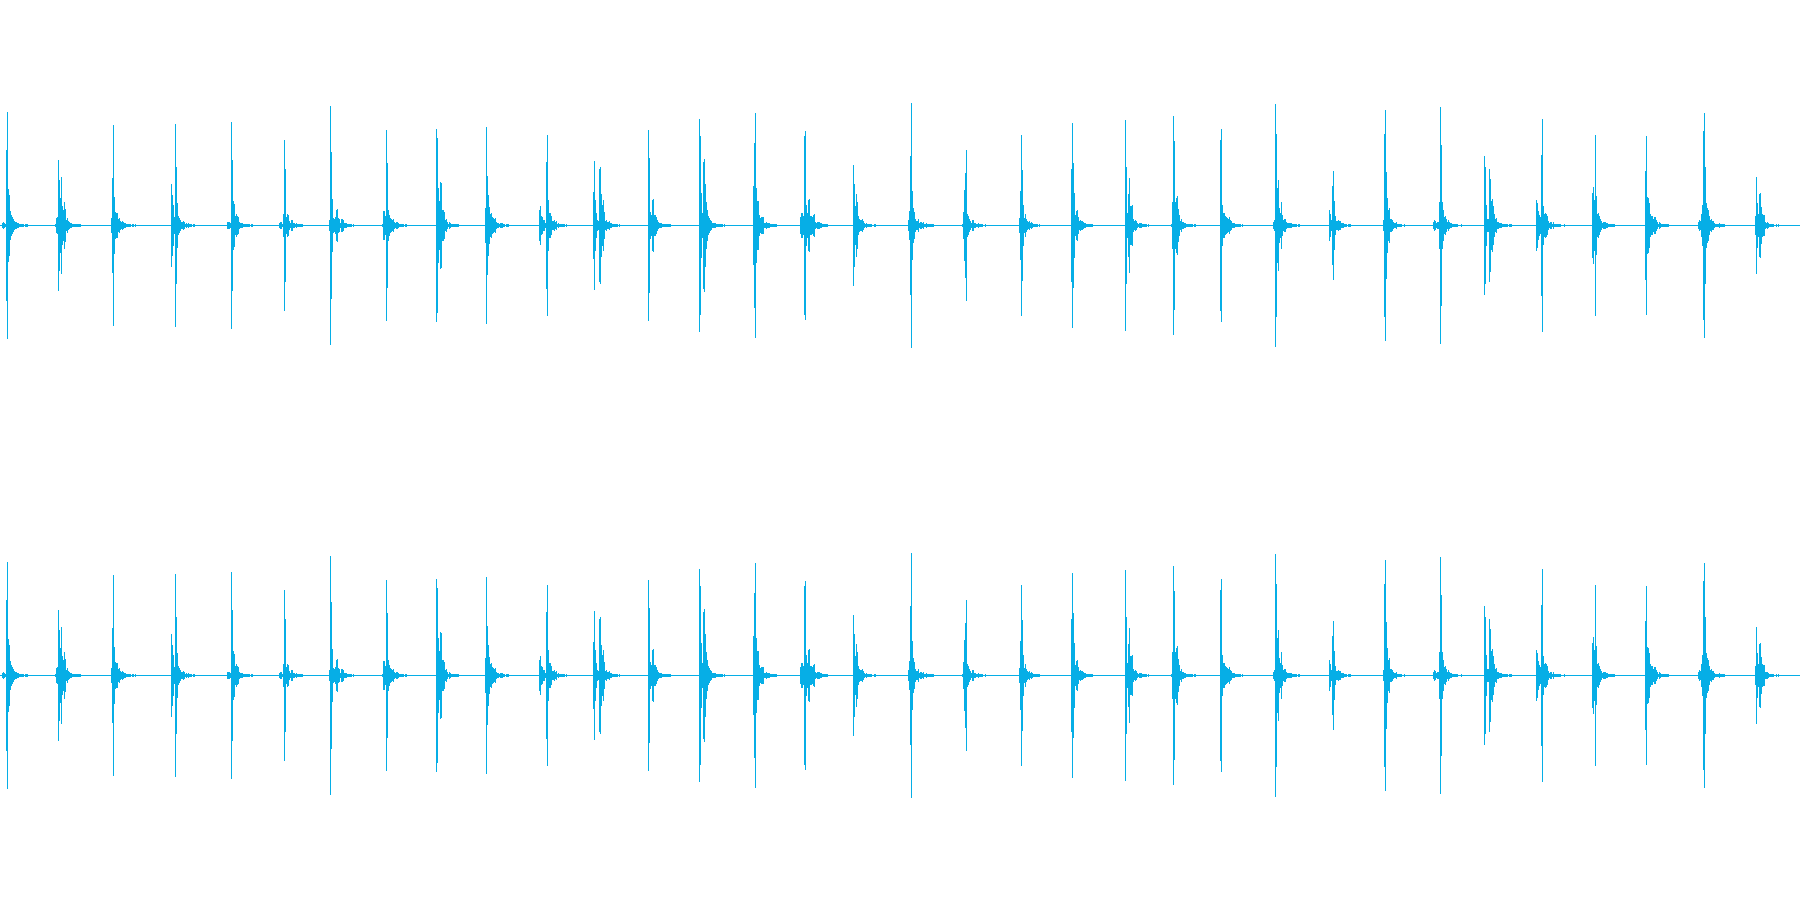 【足音02-2L】の再生済みの波形